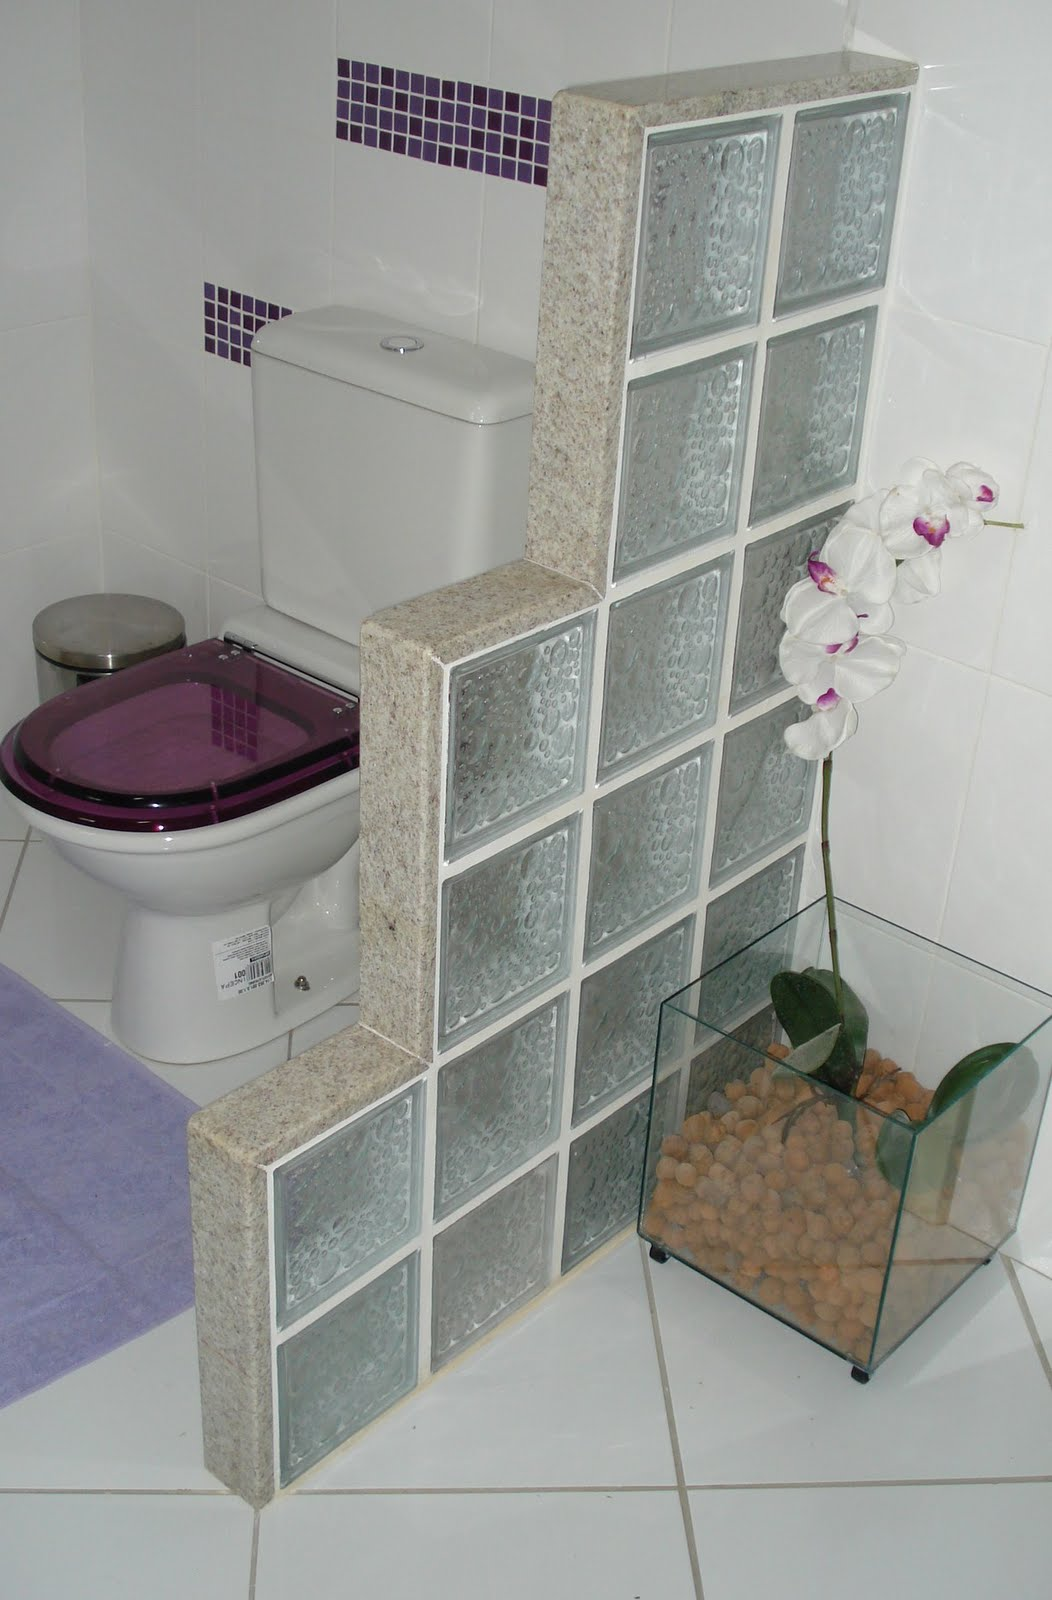 Divisoria de Banheiro e Pia de banheiro Branco Siena Marmoraria MPK #73614C 1052x1600 Banheiro Branco Siena